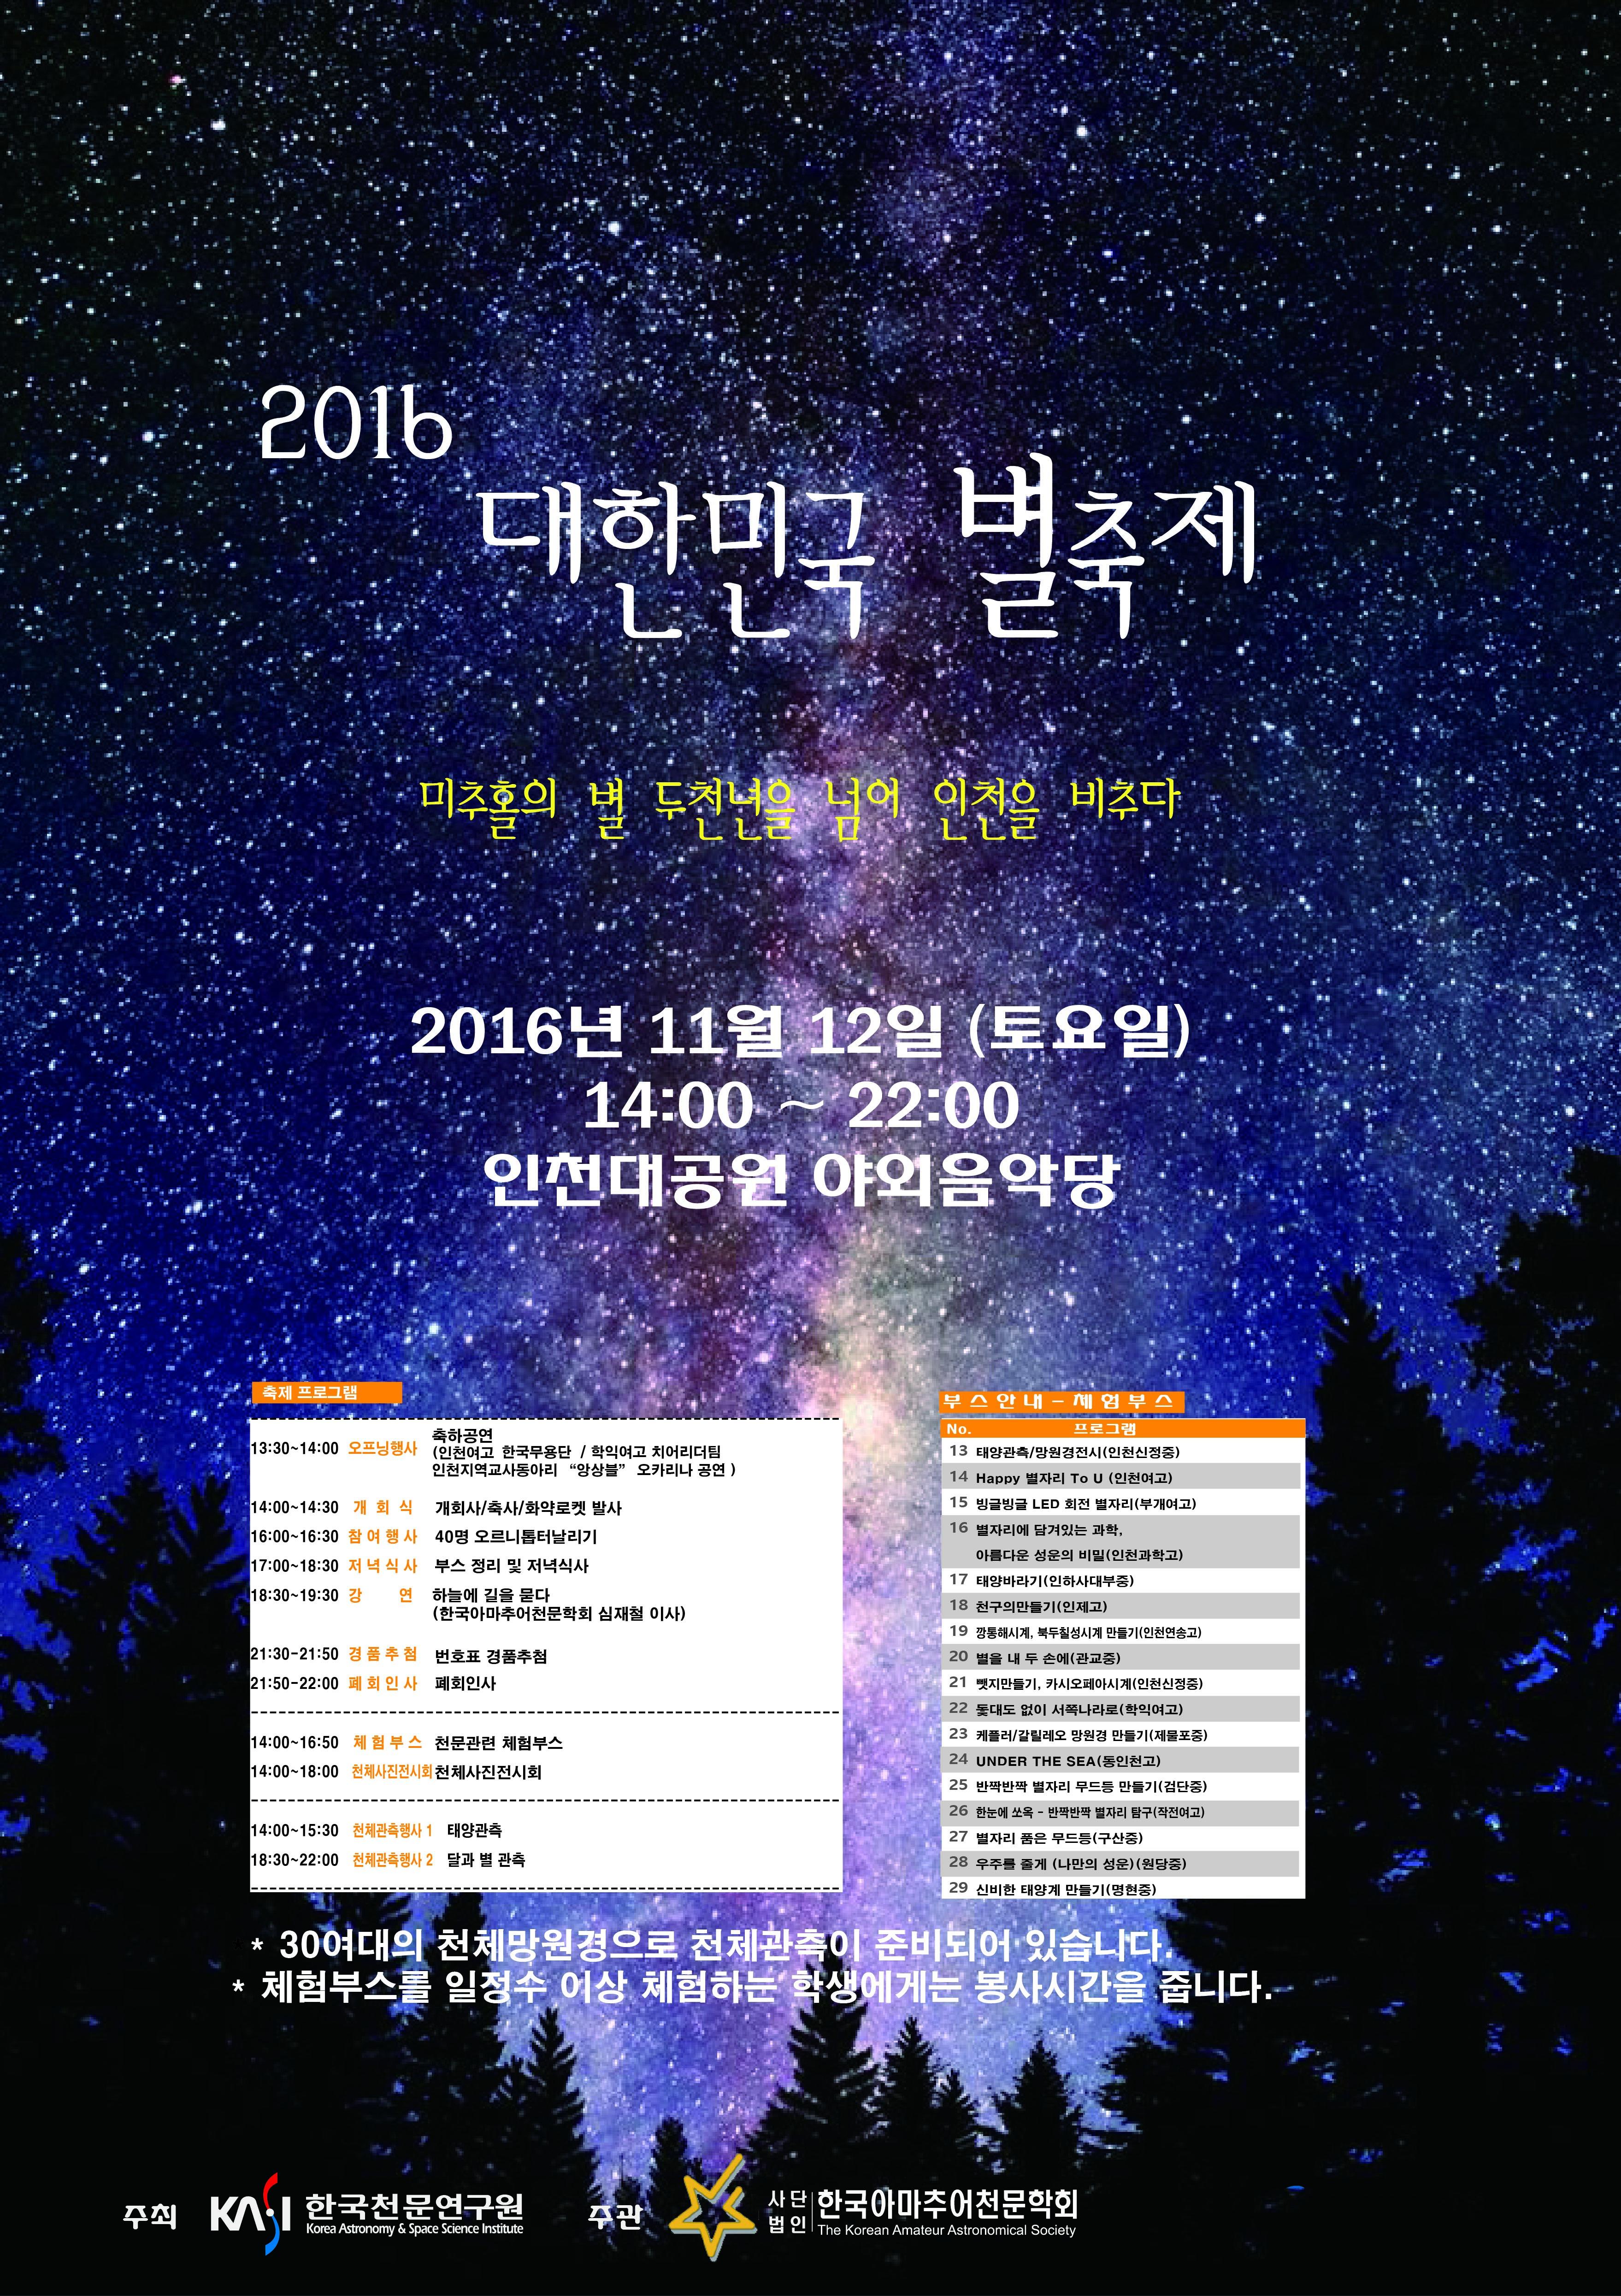 2016 대한민국 별축제, 미추홀의 별 두천년을 넘어 인천을 비추다, 2016년 11월 12일 토요일 14:00~22:00 인천대공원 야외음악당, 축제프로그램과 체험부스안내는 아래 콘텐츠 내용을 참고해주세요. 30여대의 천체망원경으로 천체관측이 준비되어있습니다. 체험부스를 일정수 이상 체험하는 학생에게는 봉사기간을 줍니다. 주최 한국천문연구원, 주관 사단법인 한국아마추어천문학회